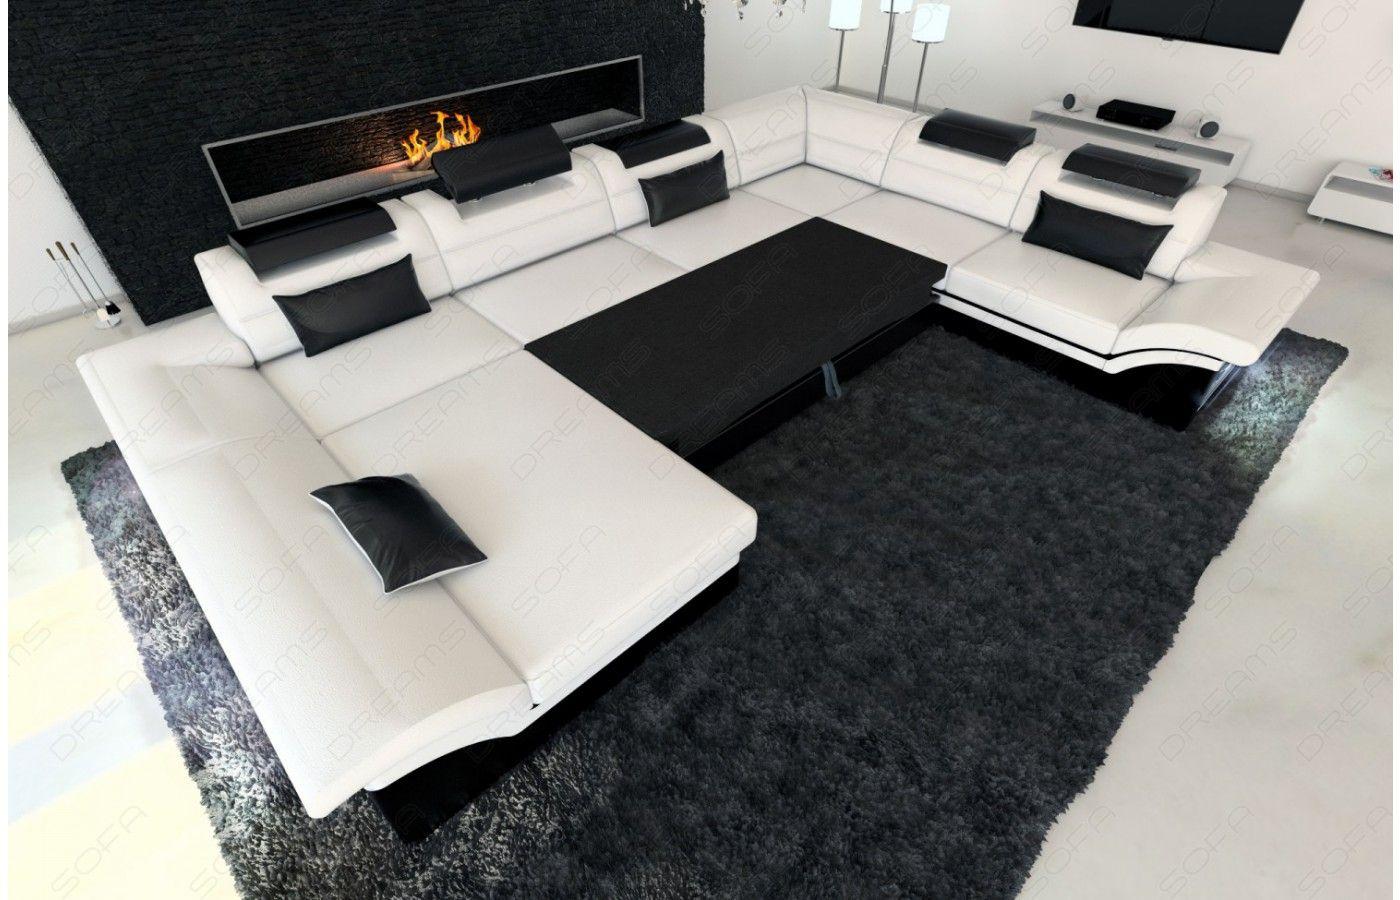 Stoff Wohnlandschaft Enzo XXL | Pinterest | Wohnlandschaft, Sofa und LED